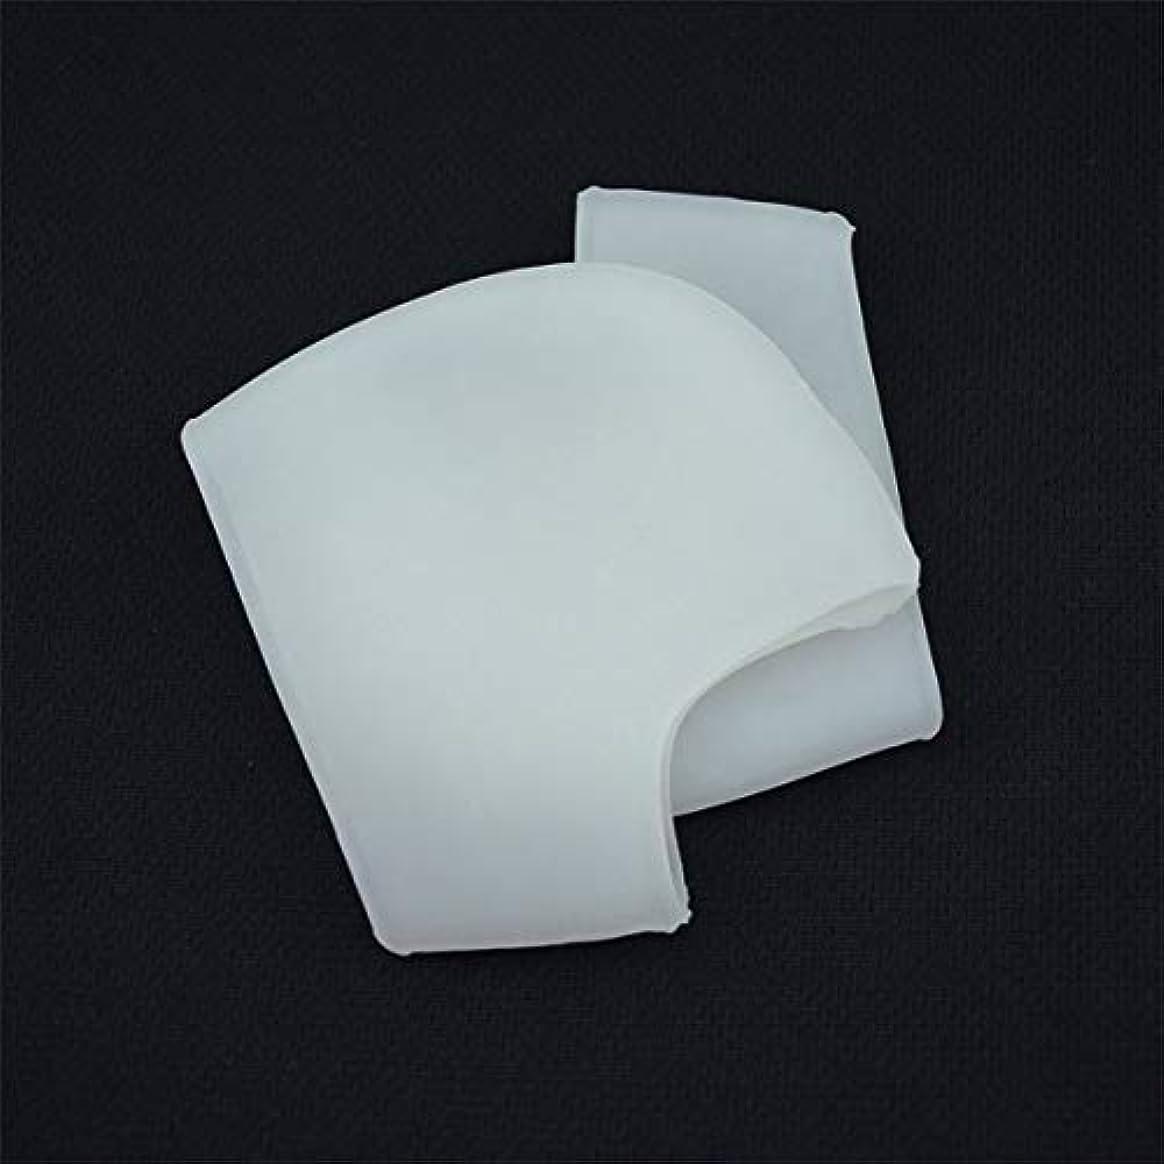 キャプチャー銀河マカダムシリコンヒールアンチクラッキング保護靴下男性と女性一般的なヒールスリーブ補正シリーズ穴なしスタイル-ミルキーホワイト